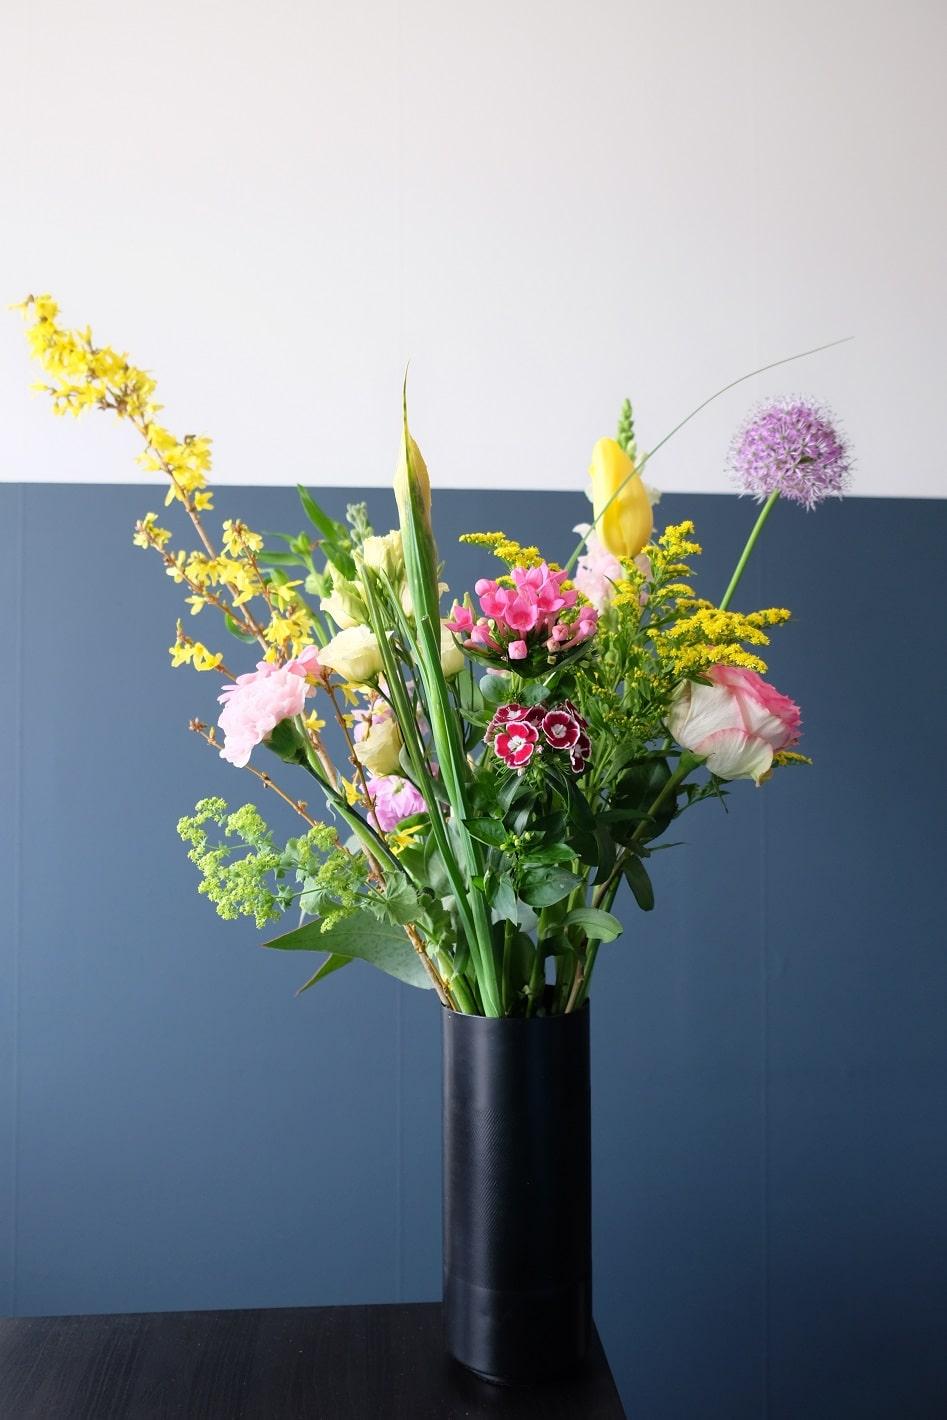 bloomon 22 maart